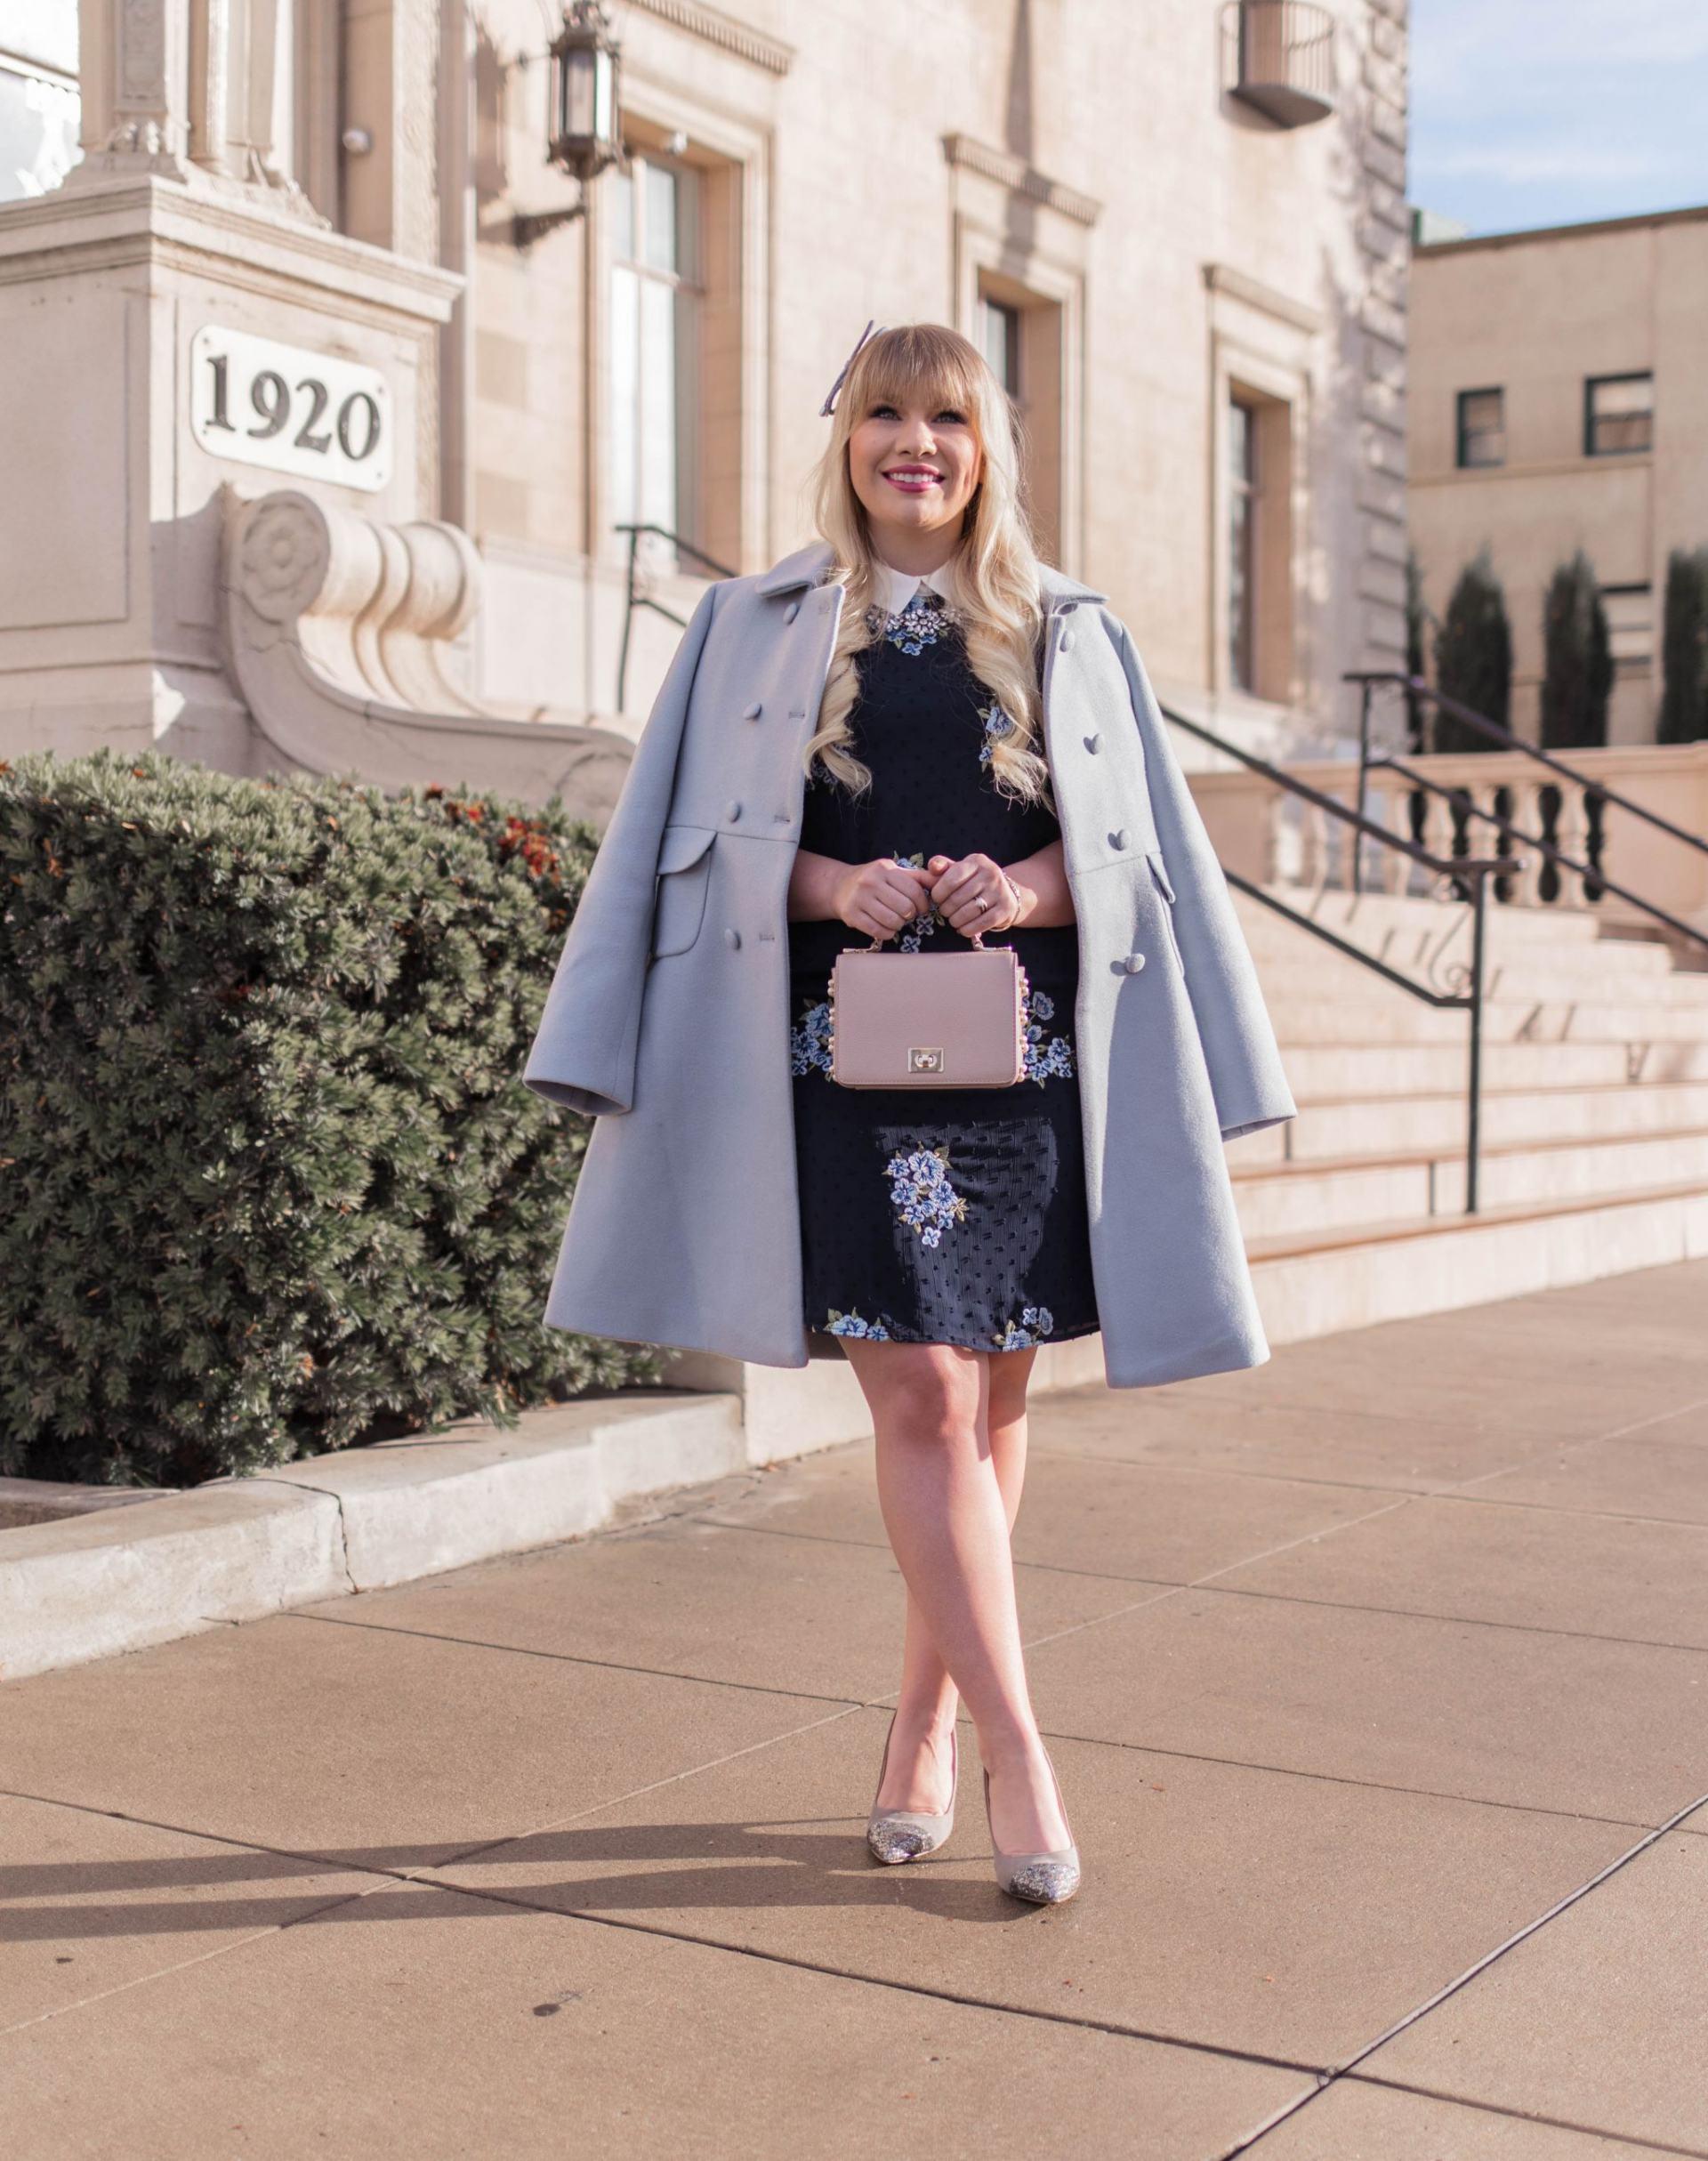 Elizabeth Hugen from Lizzie in Lace wears a light blue winter coat